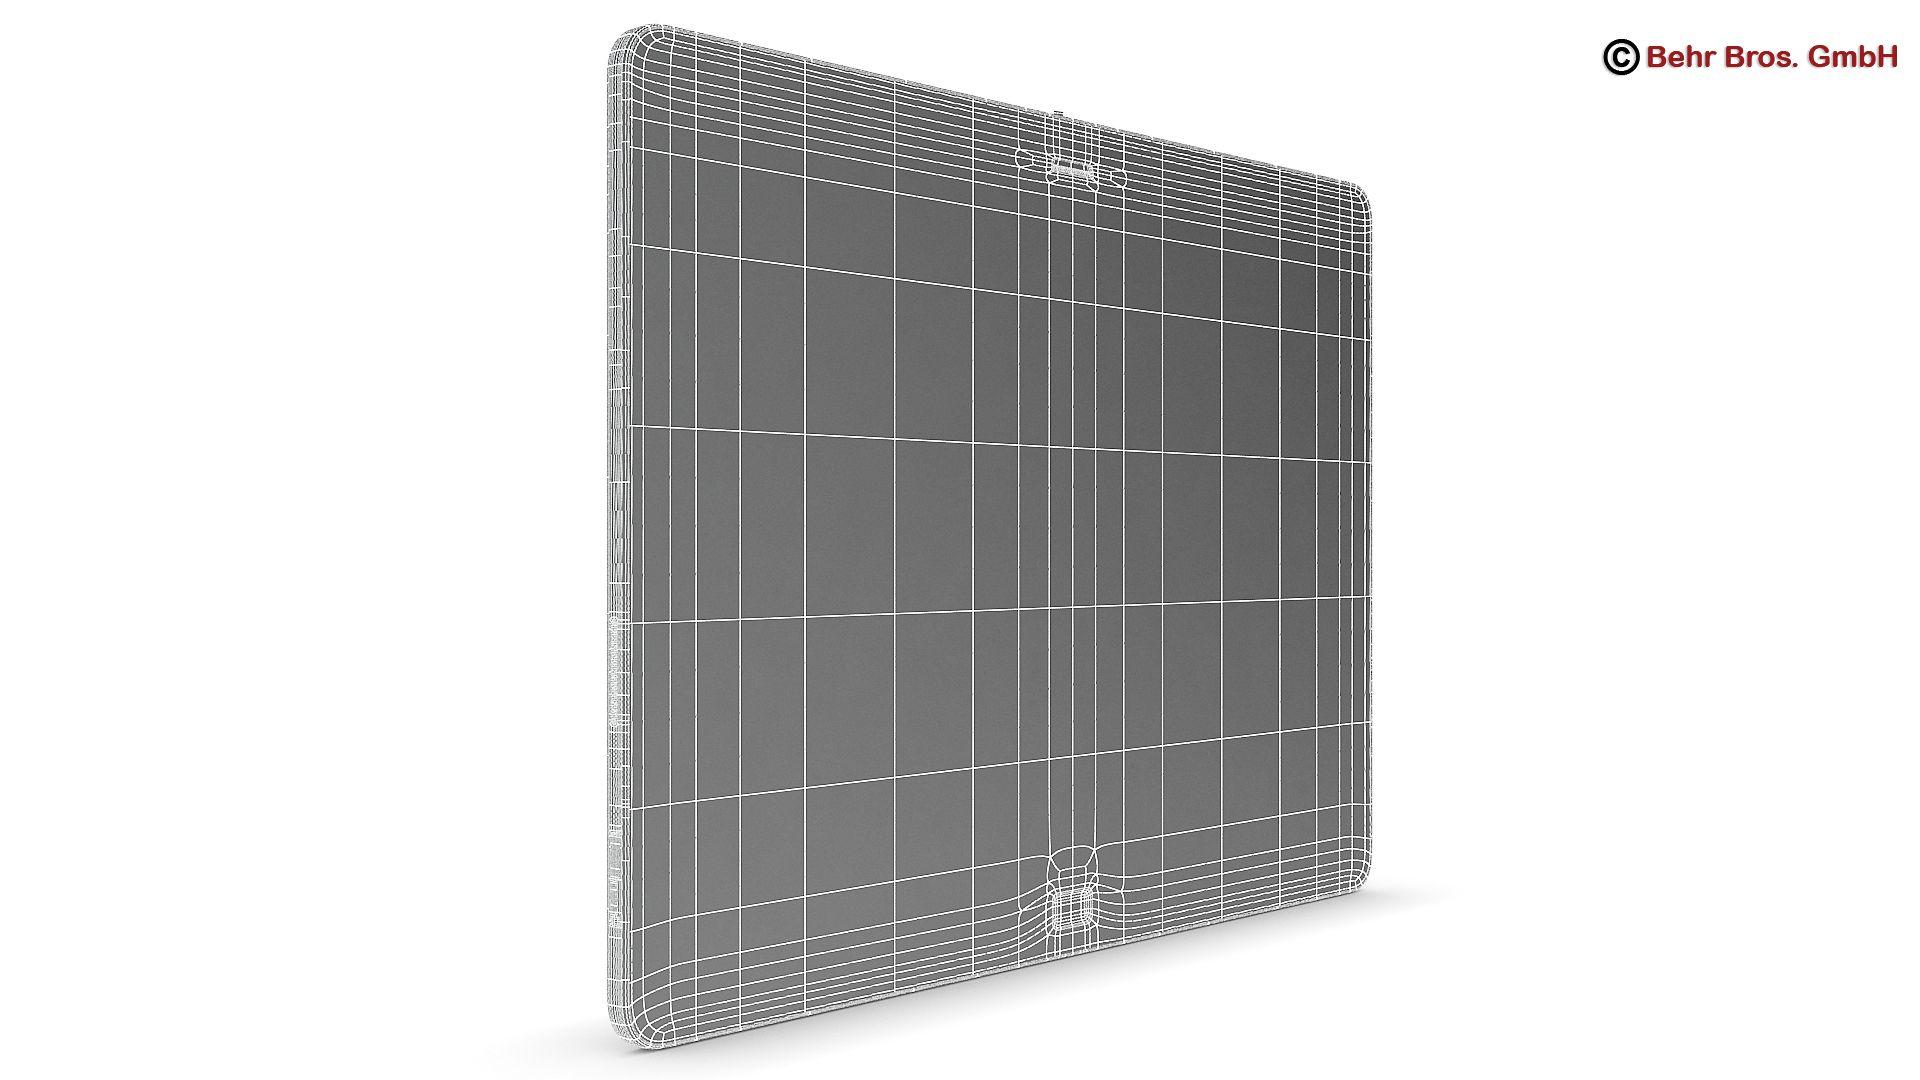 generic tablet 10.1 inch 3d model 3ds max fbx c4d lwo ma mb obj 162891